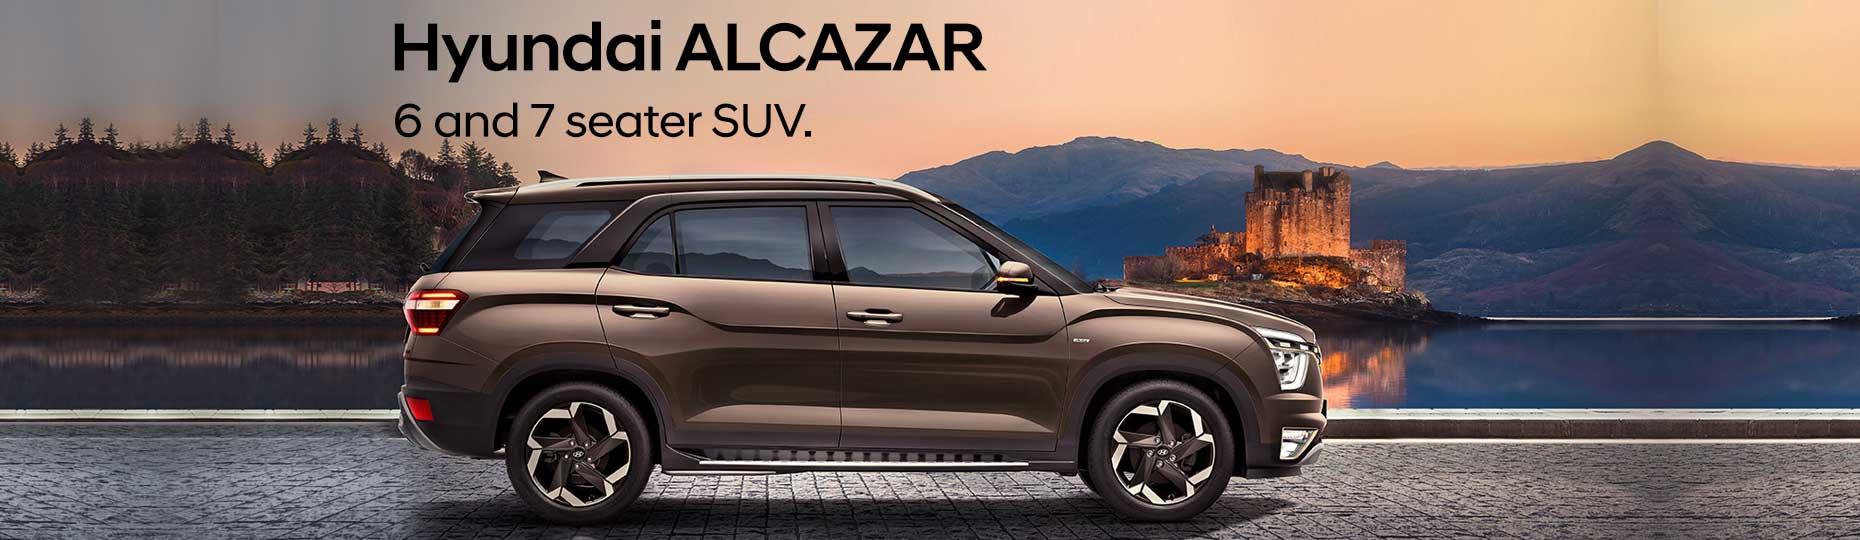 Hyundai_alcazar-pc-new